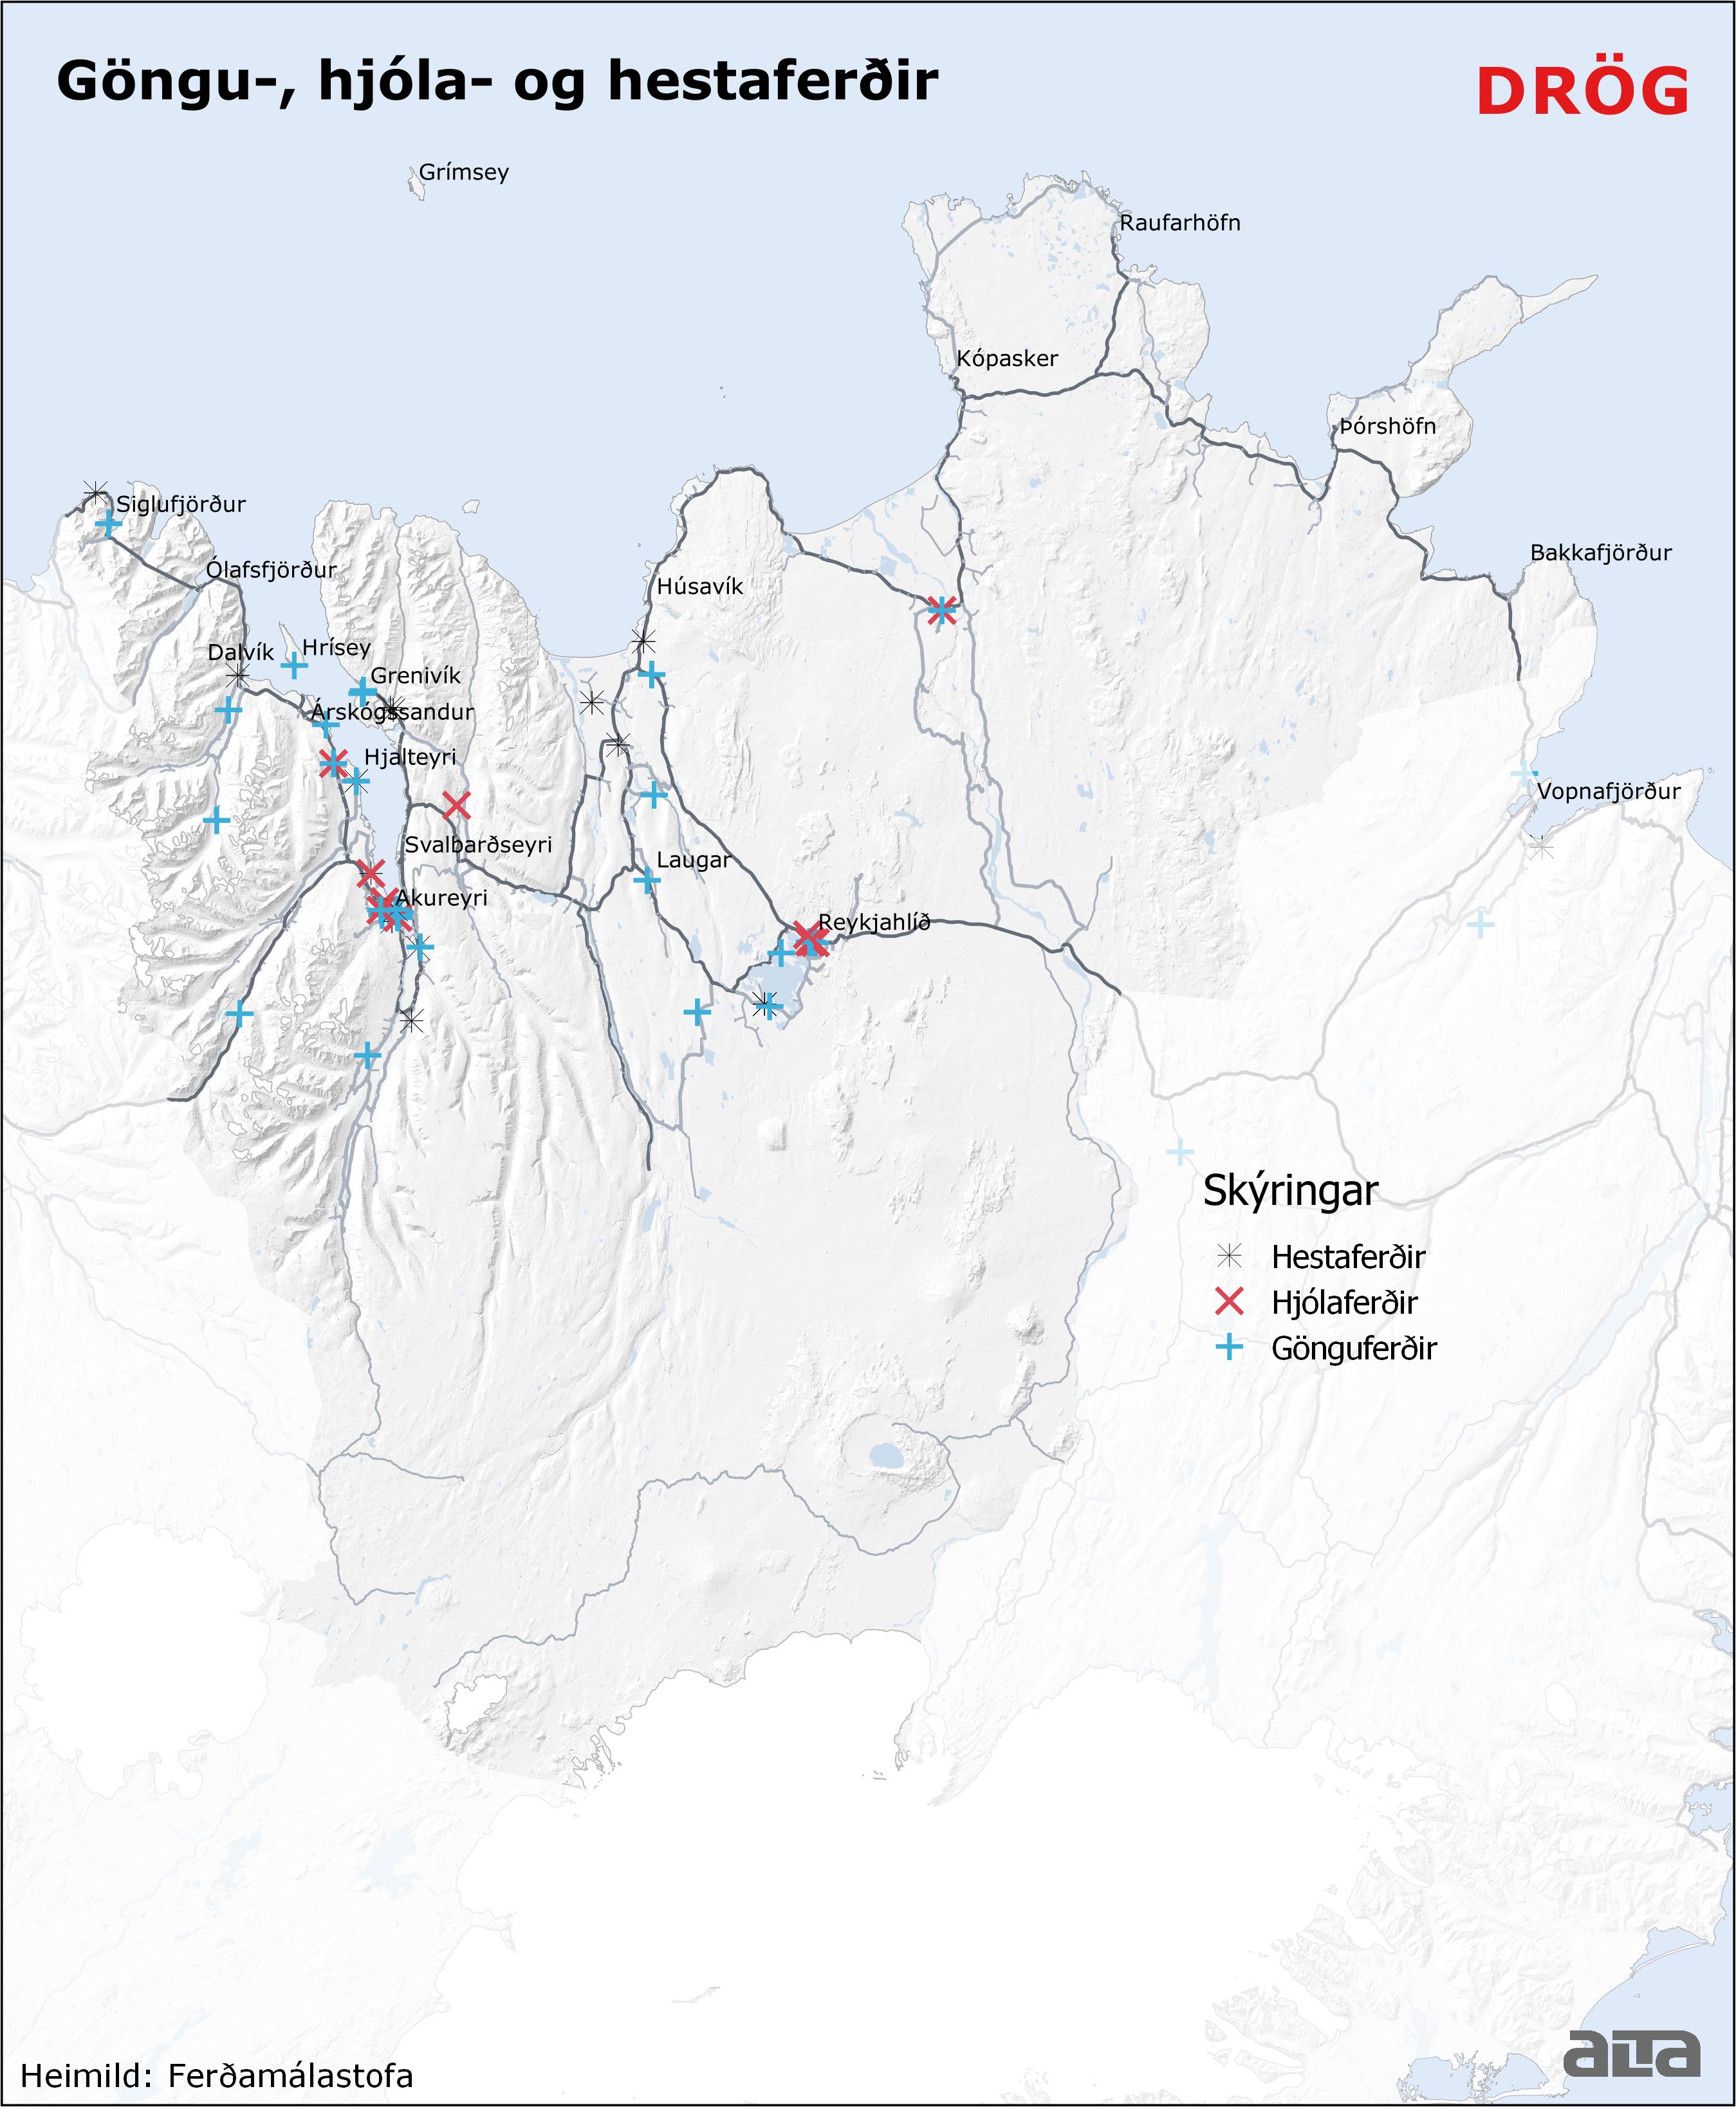 Göngu, hjóla og hestaferðir